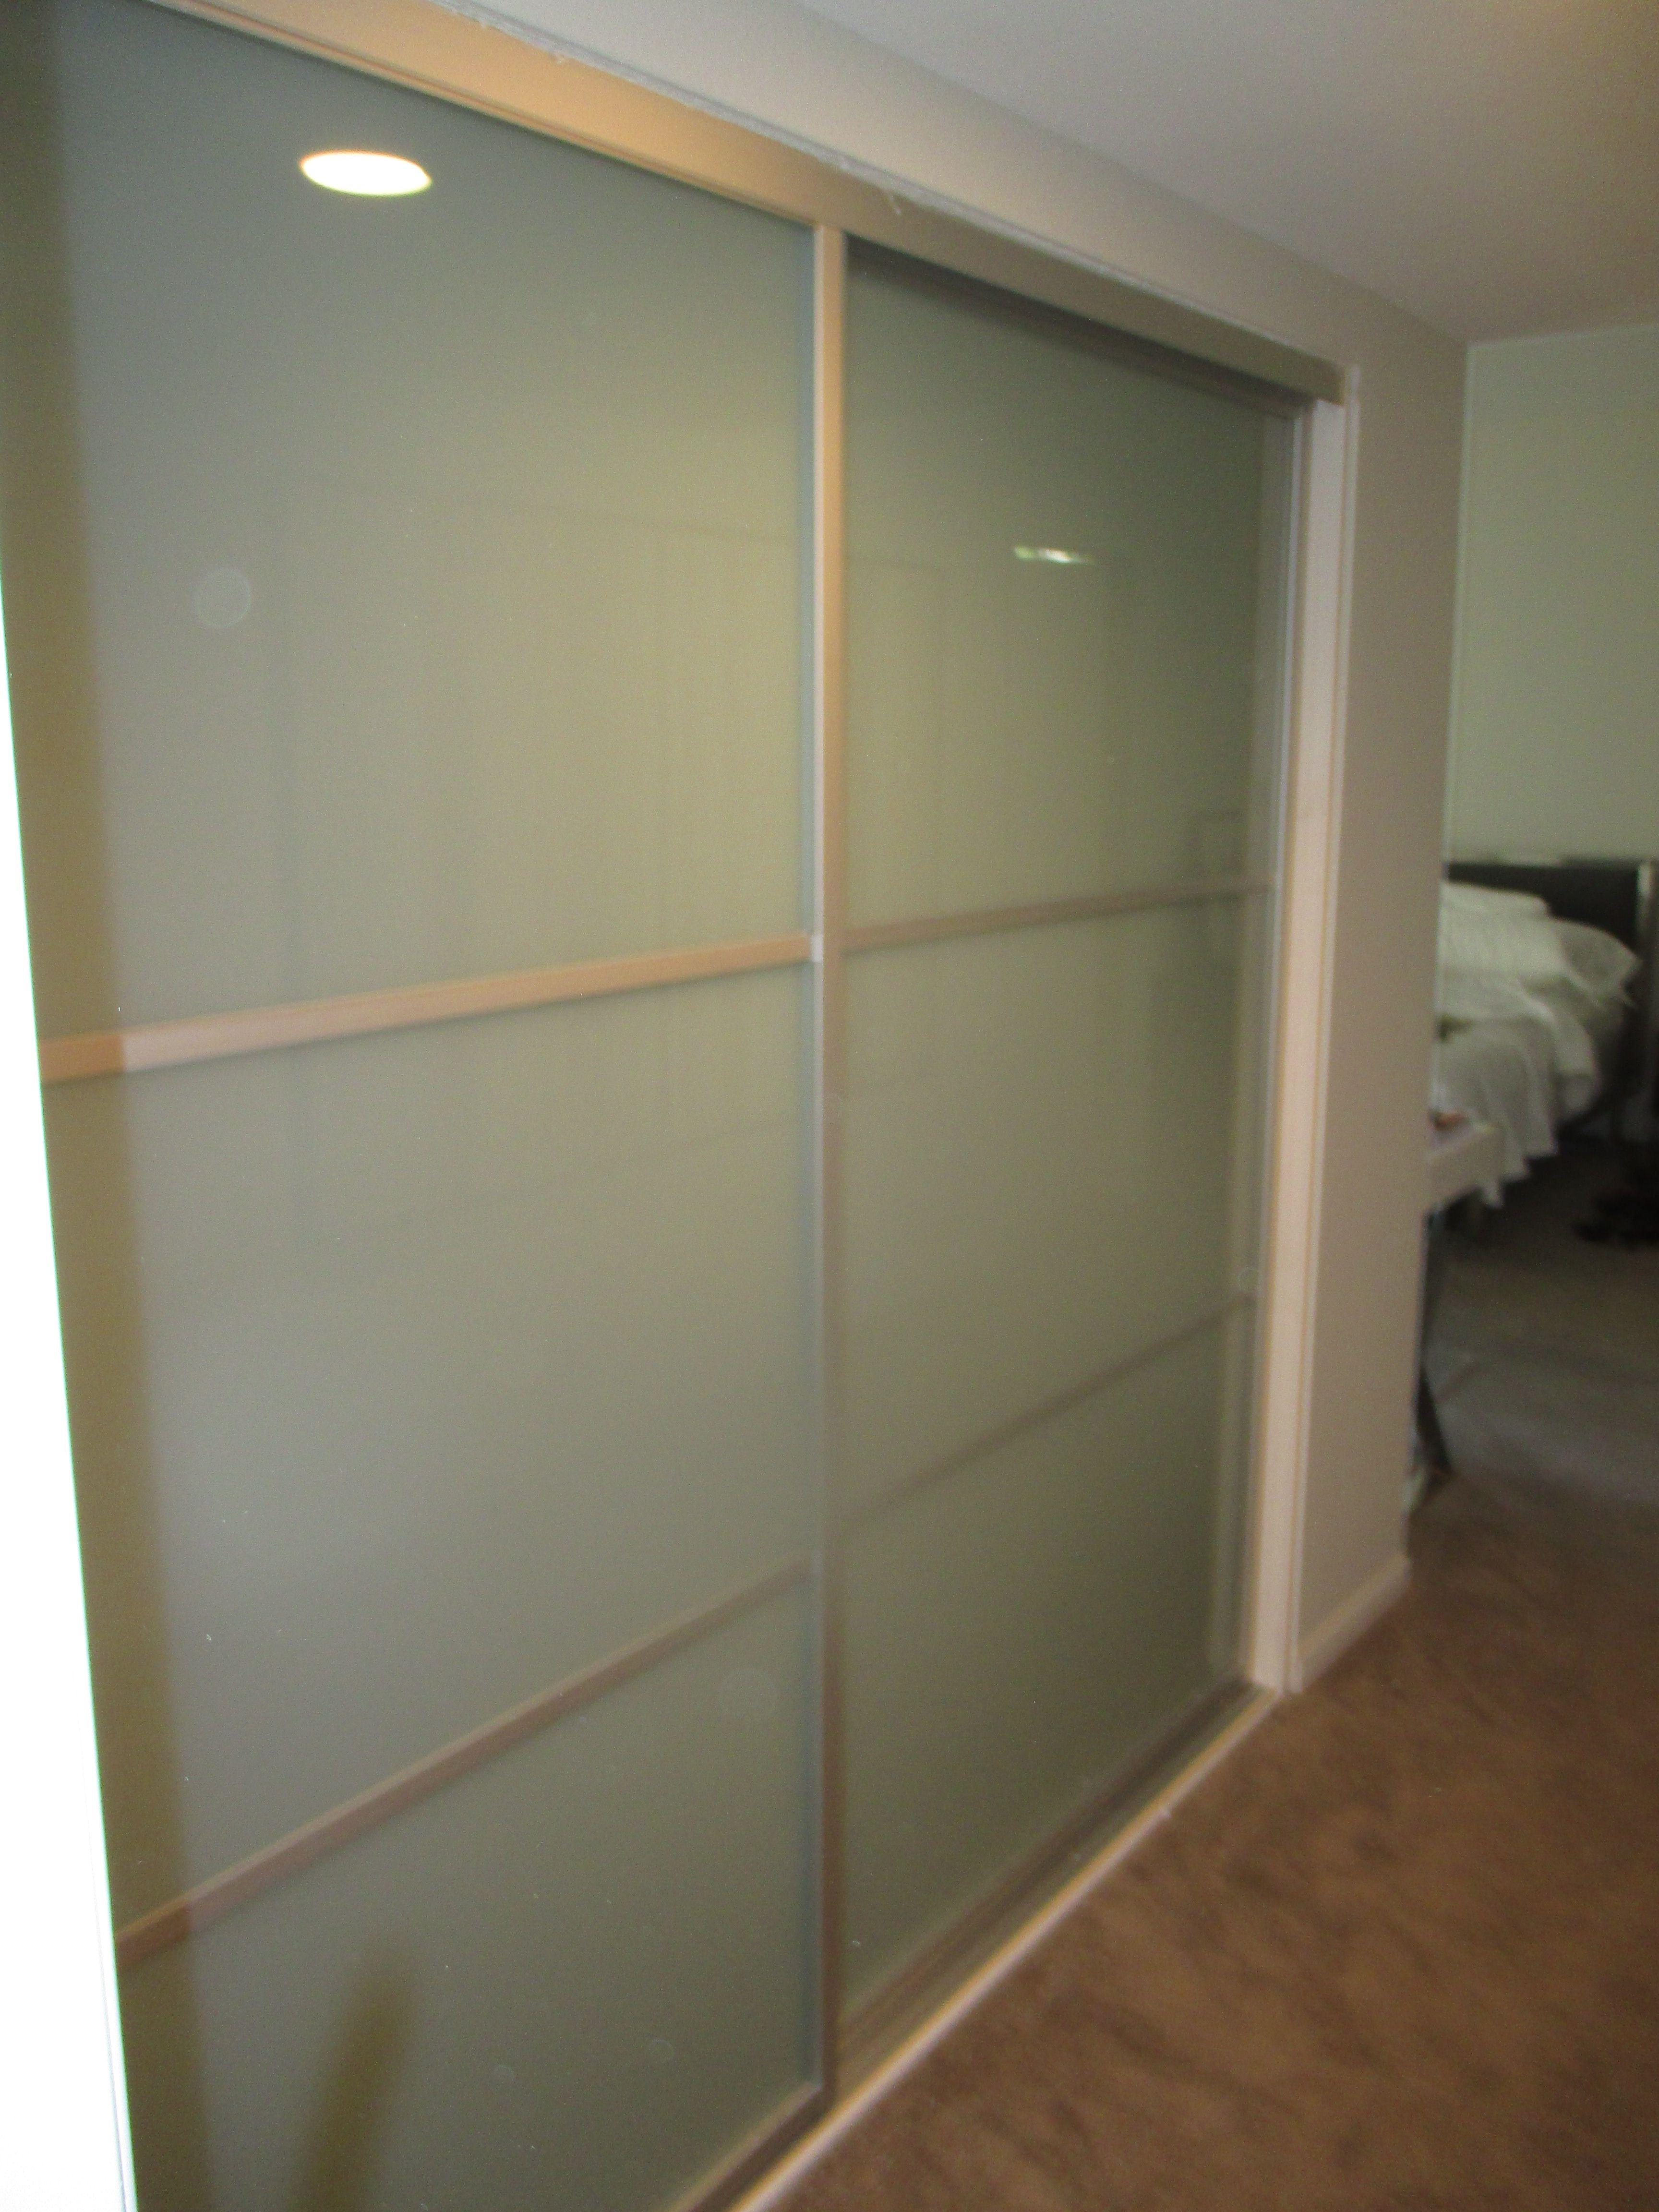 Updating Closet Doors Good Buy Gold Closet Doors Hello Modern Brushed Nickel Mirror